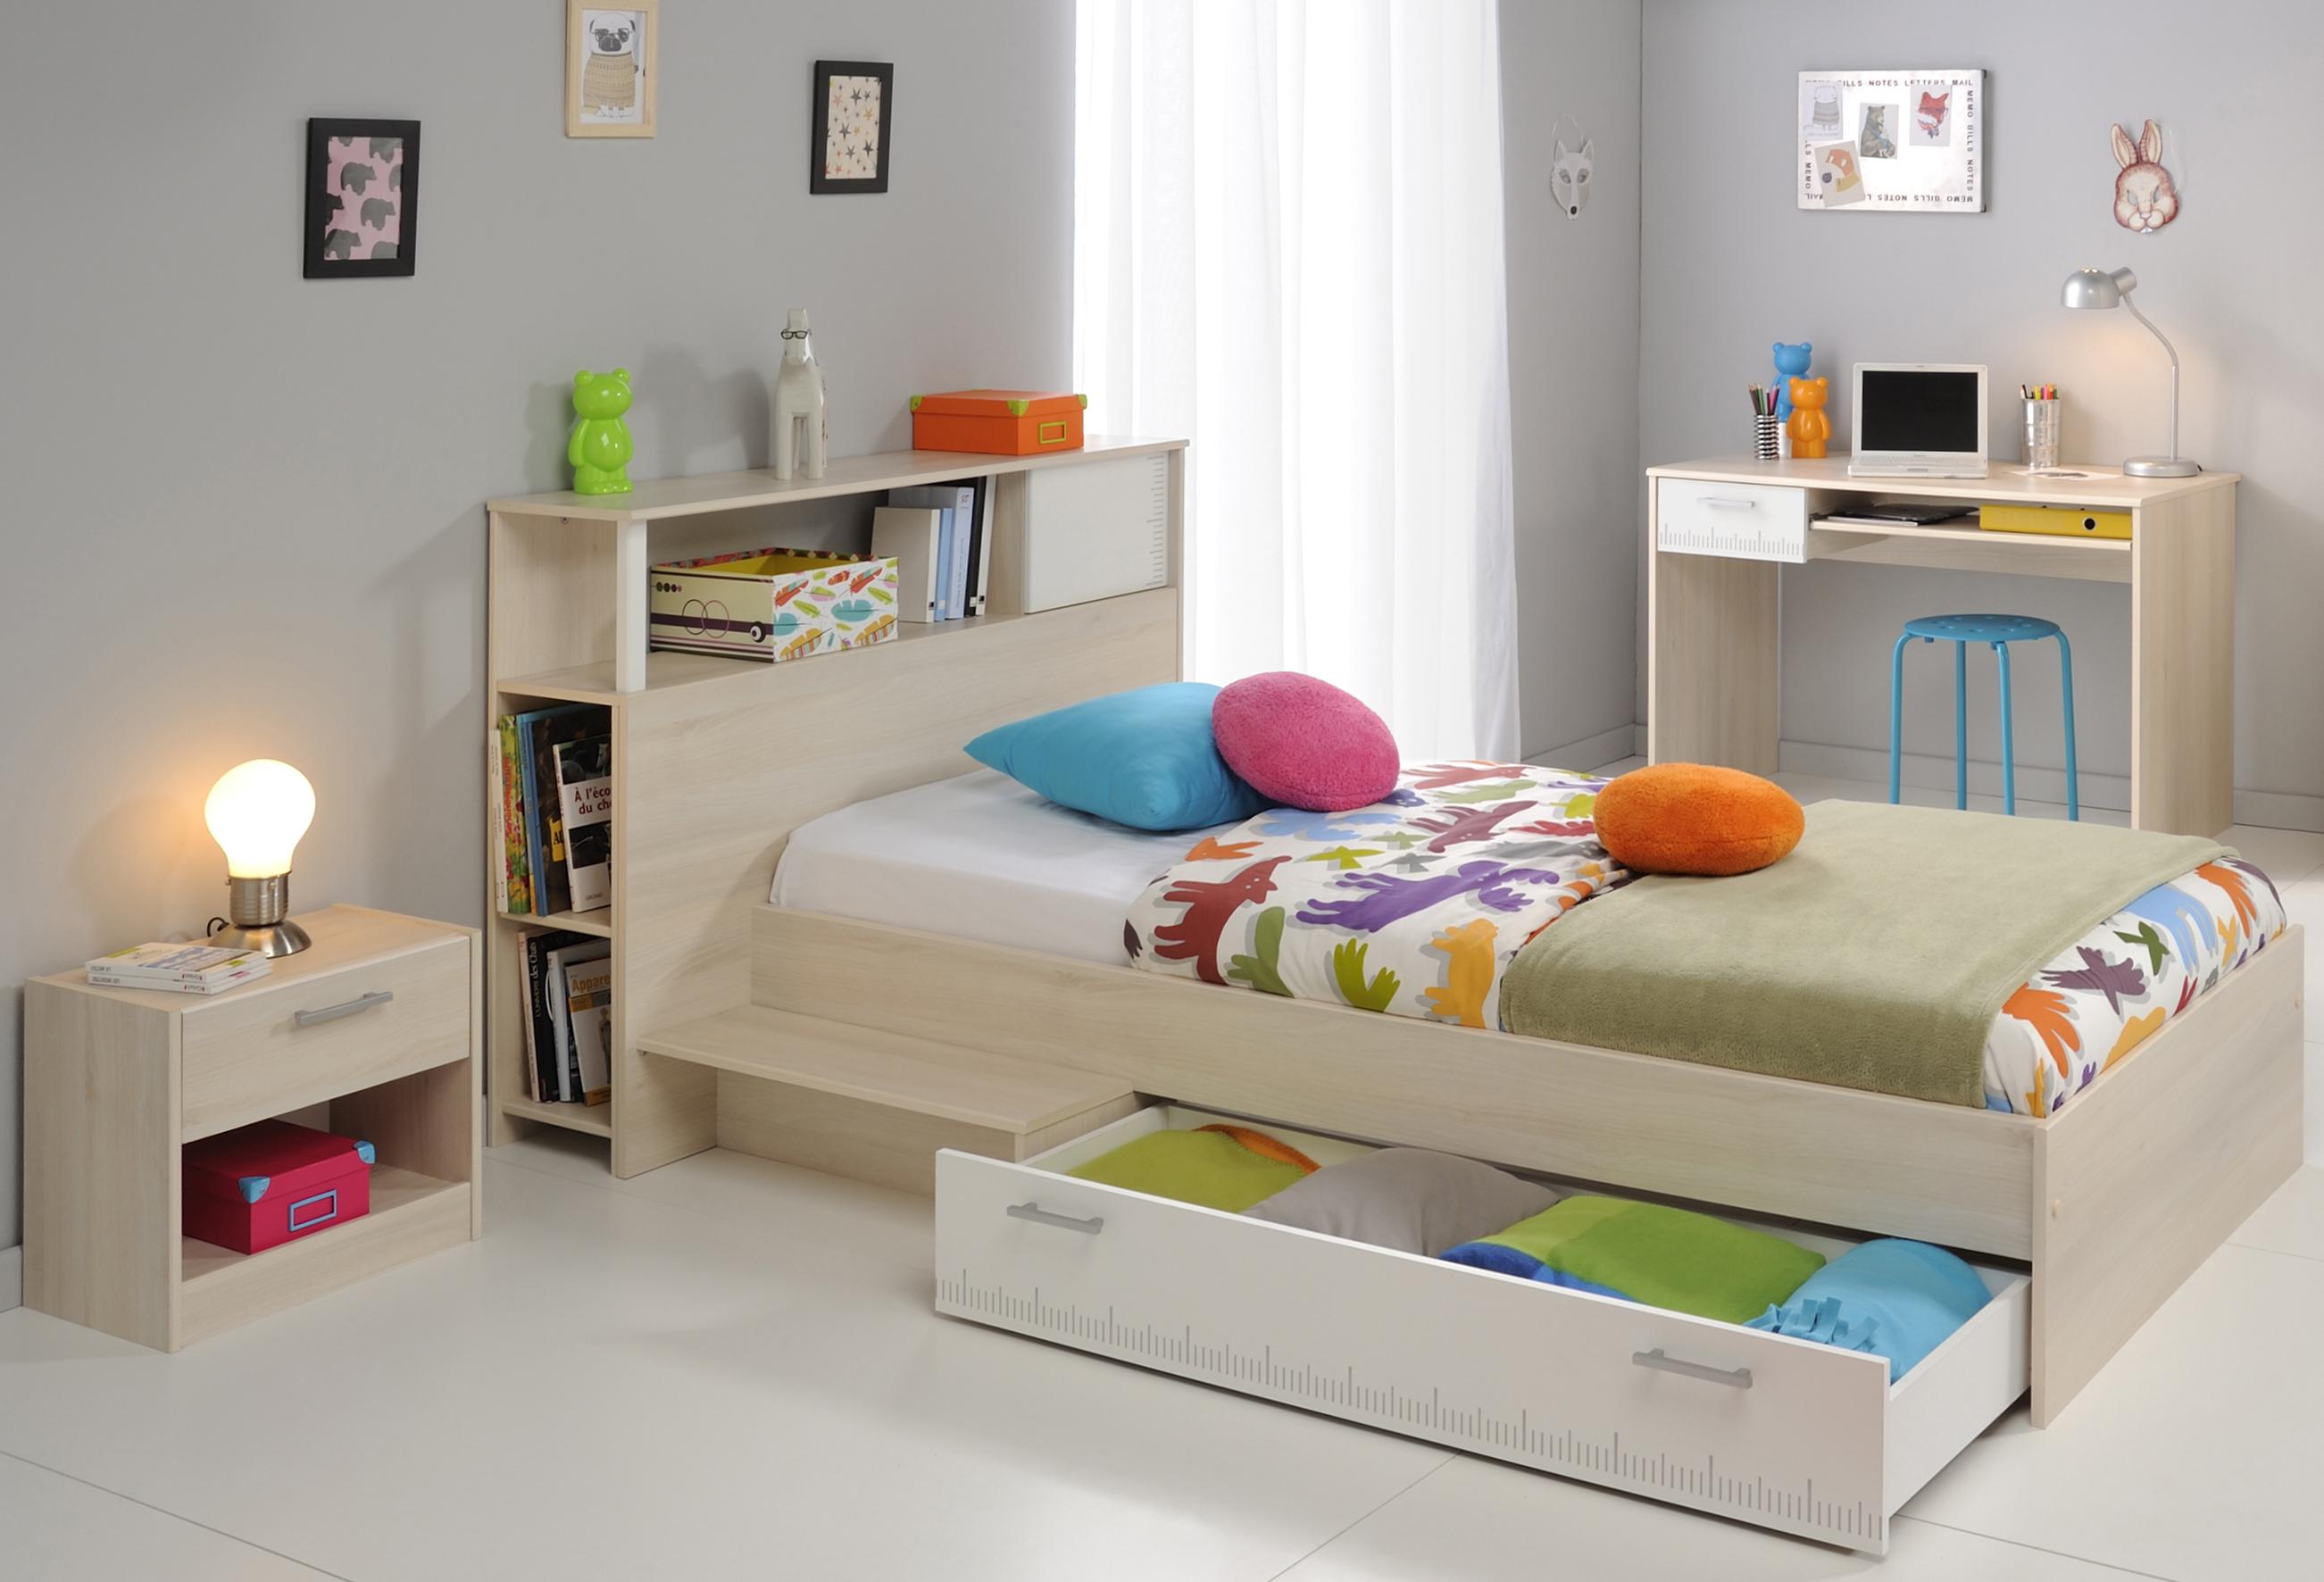 kinderzimmer charly11. Black Bedroom Furniture Sets. Home Design Ideas